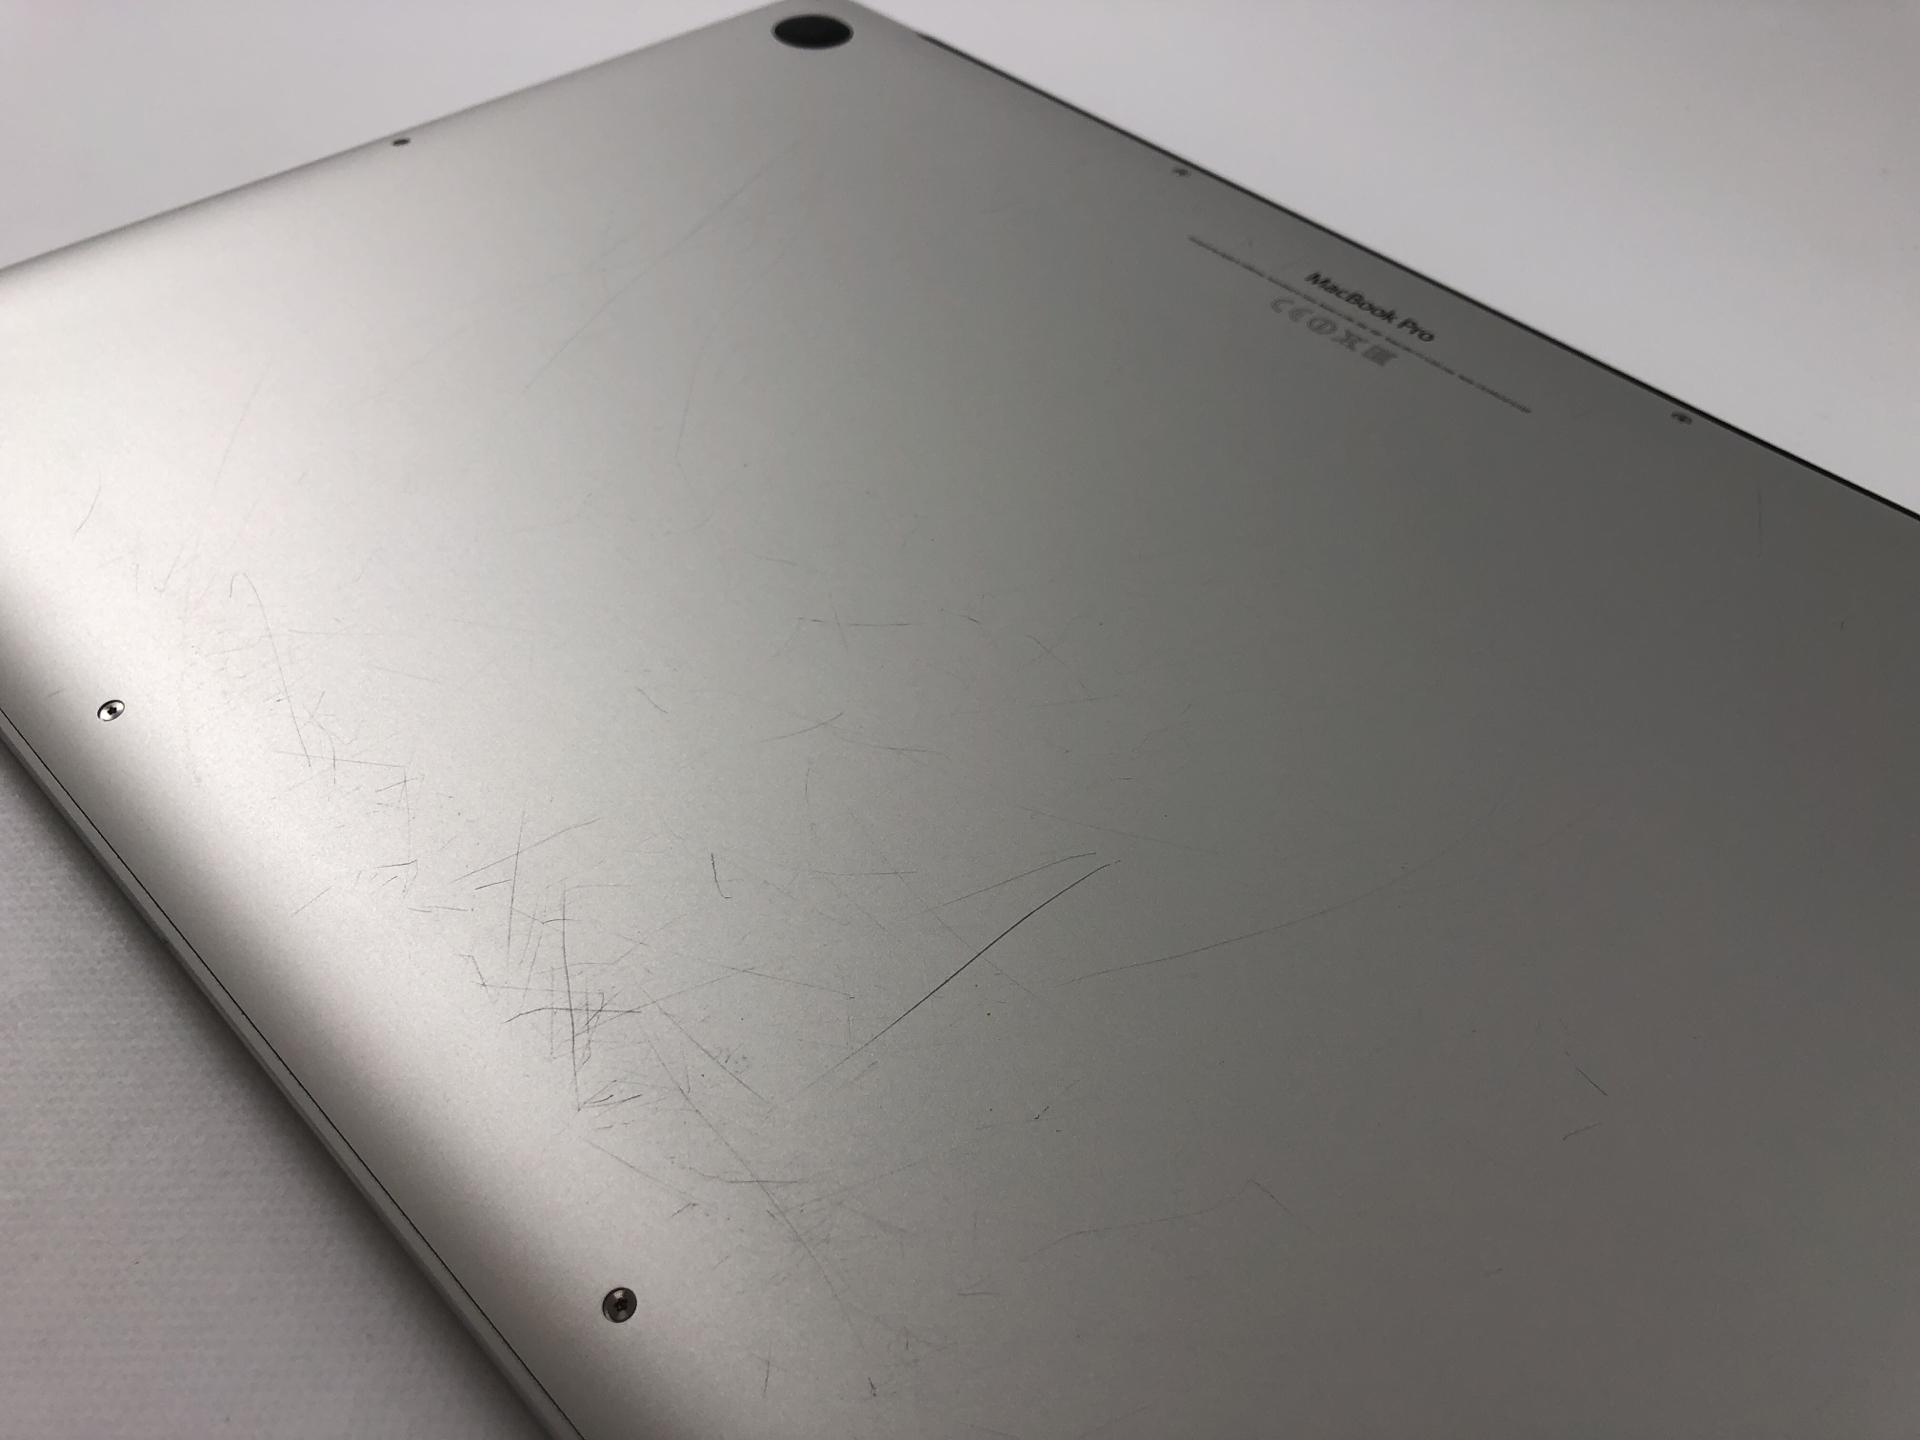 """MacBook Pro Retina 15"""" Mid 2014 (Intel Quad-Core i7 2.8 GHz 16 GB RAM 1 TB SSD), Intel Quad-Core i7 2.8 GHz, 16 GB RAM, 1 TB SSD, Afbeelding 5"""